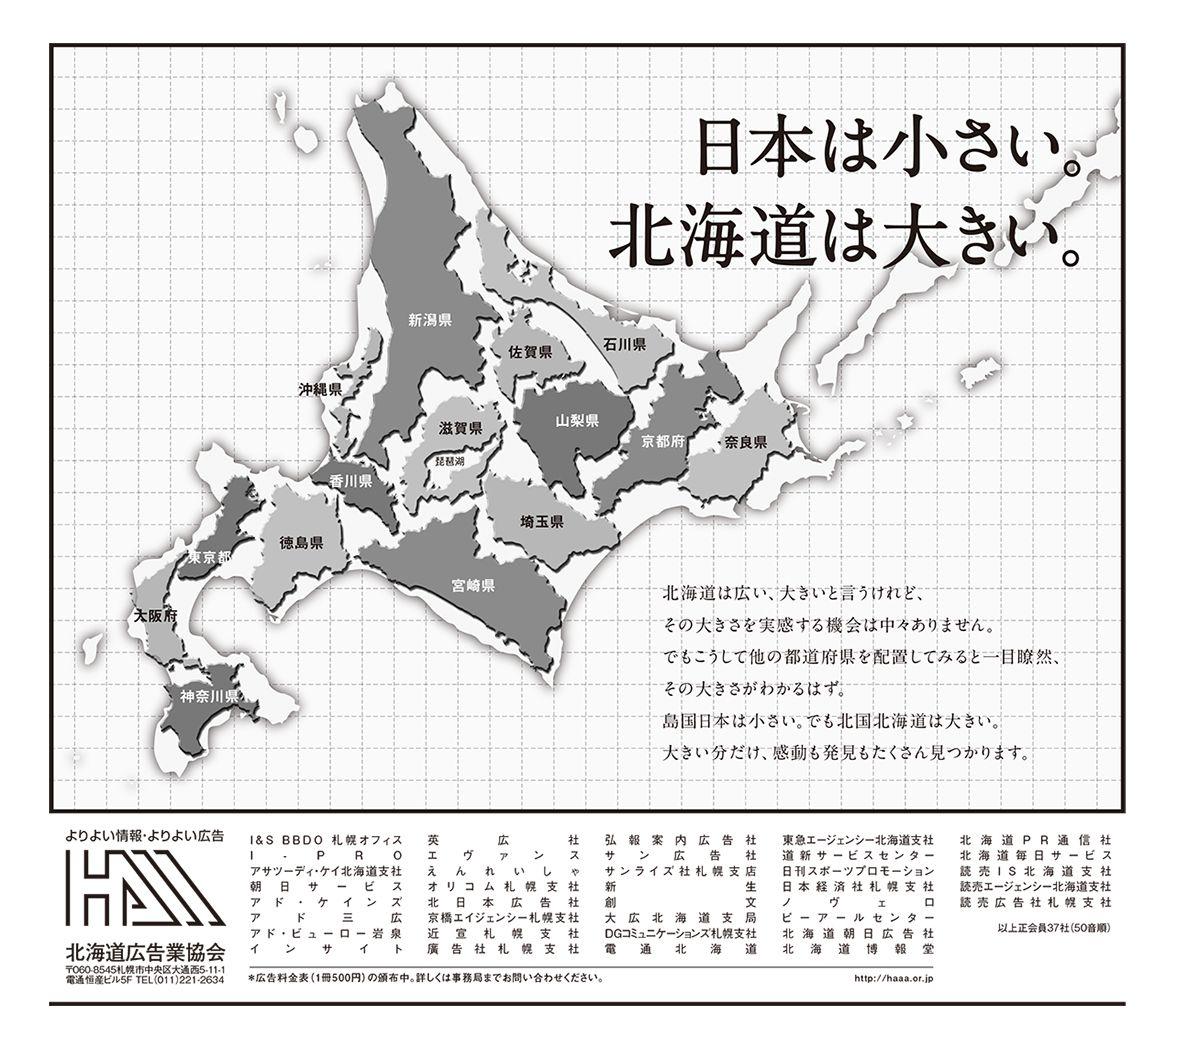 北海道は大きい 15都府県がすっぽり収まる広告に反響 新聞 広告